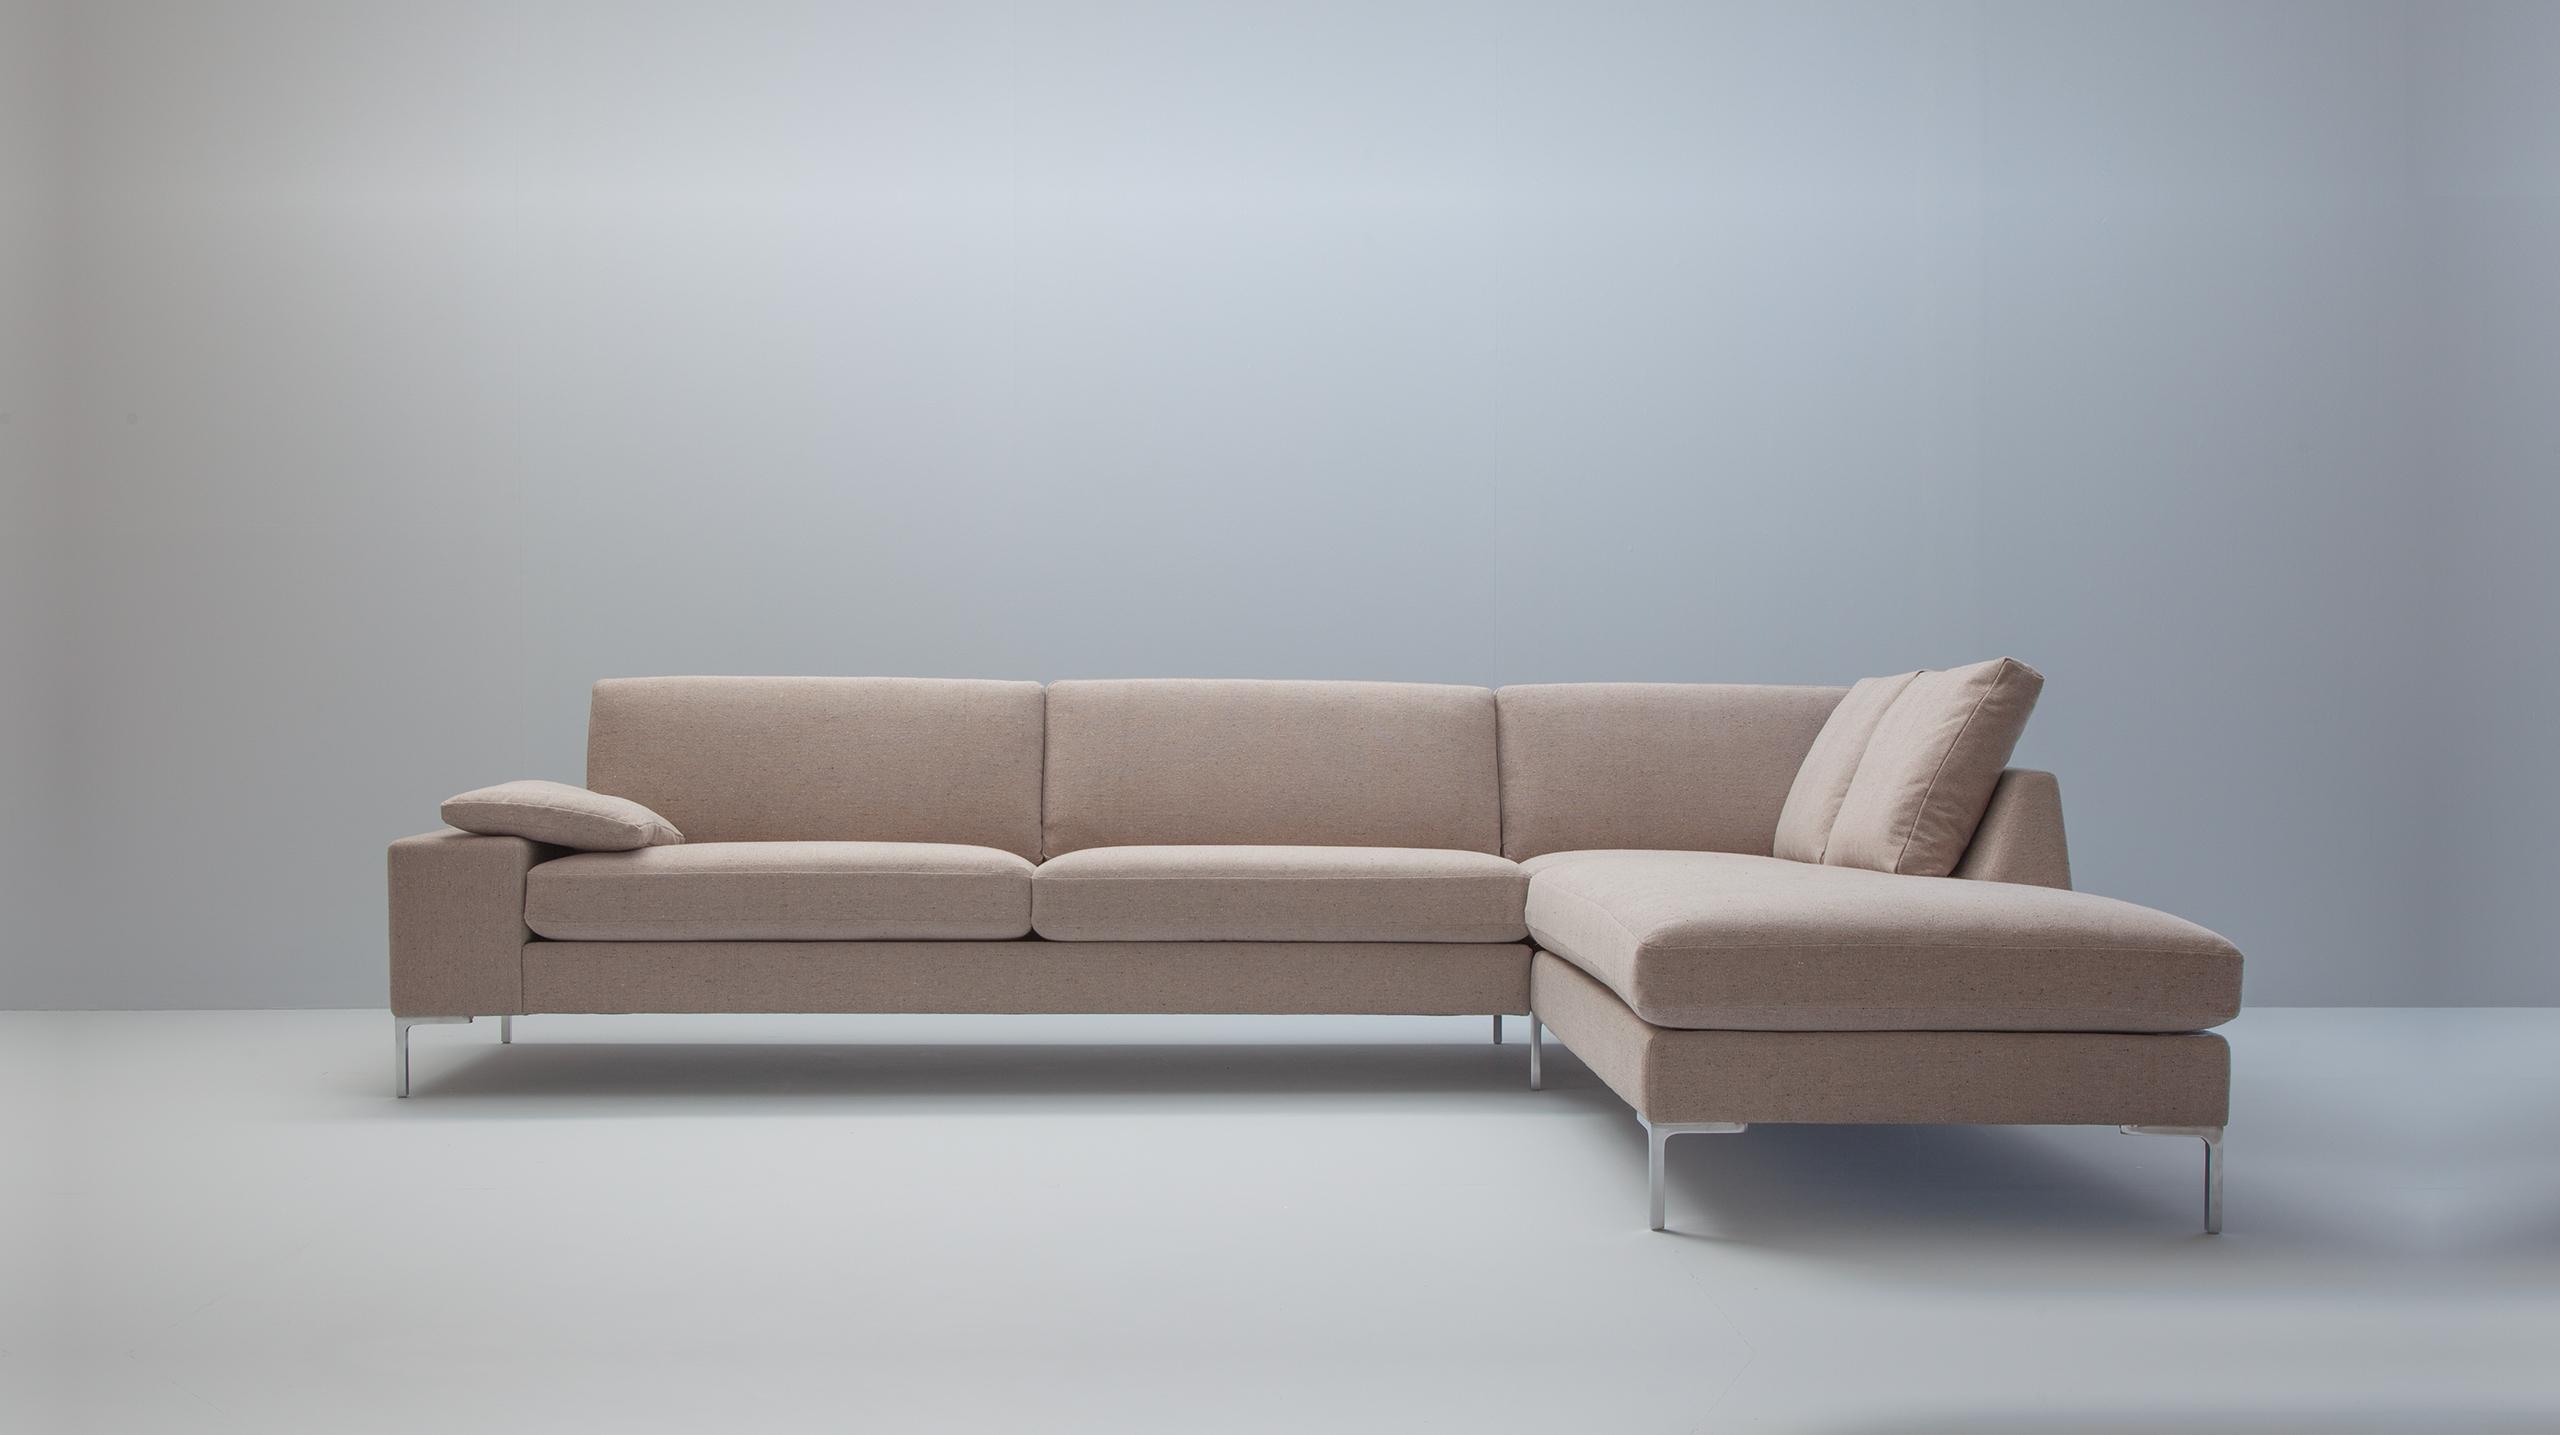 billig sofa p nett cheap billig sofa p nett with billig sofa p nett perfect billig sofa p nett. Black Bedroom Furniture Sets. Home Design Ideas